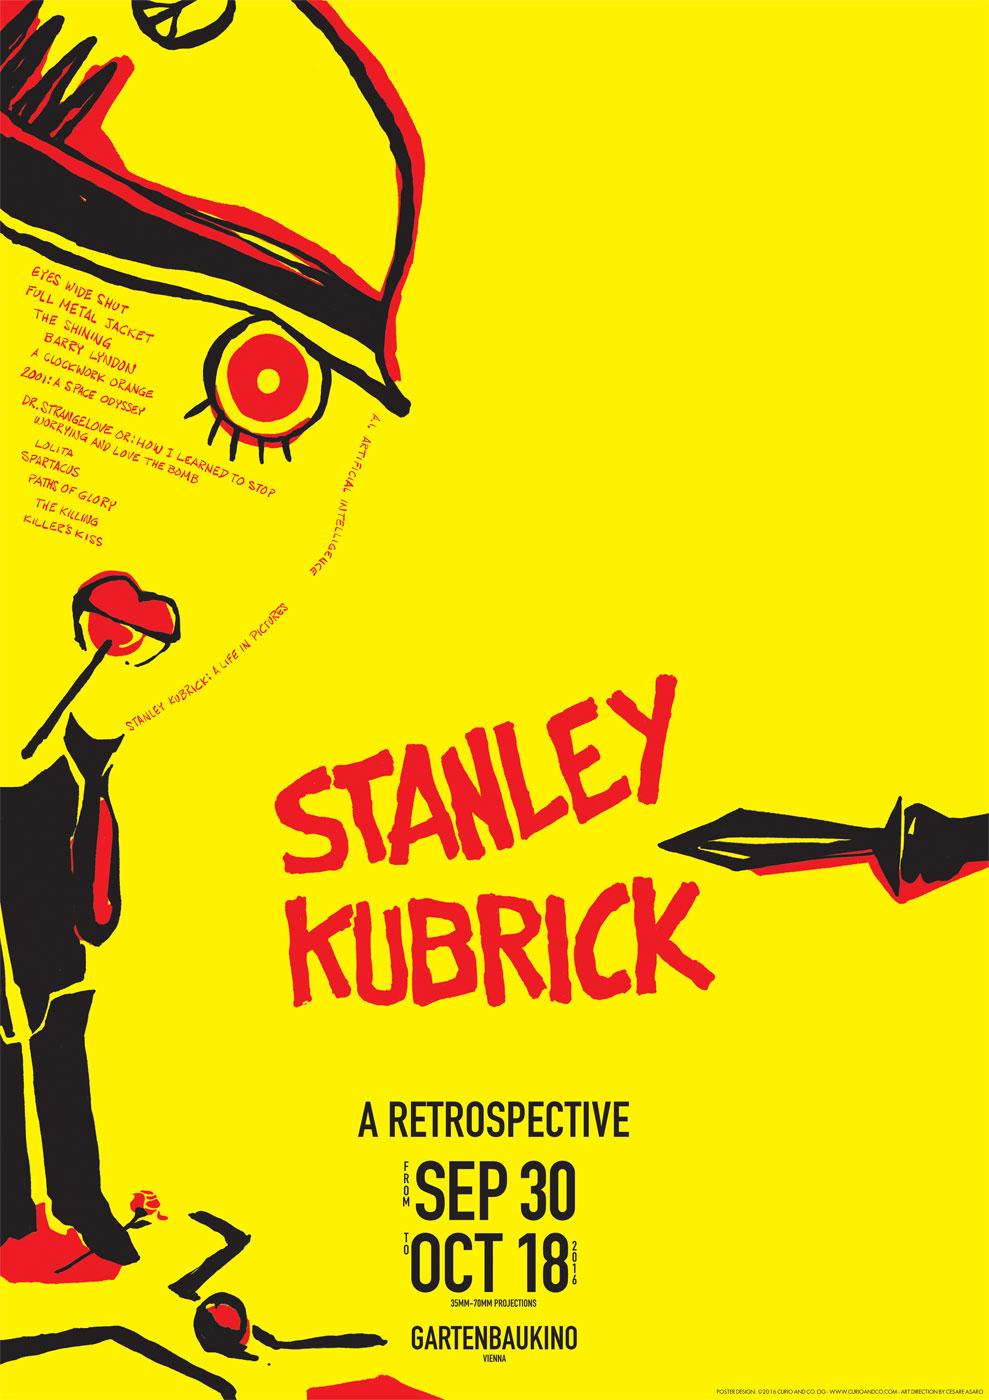 Stanley Kubrick Retrospective Poster